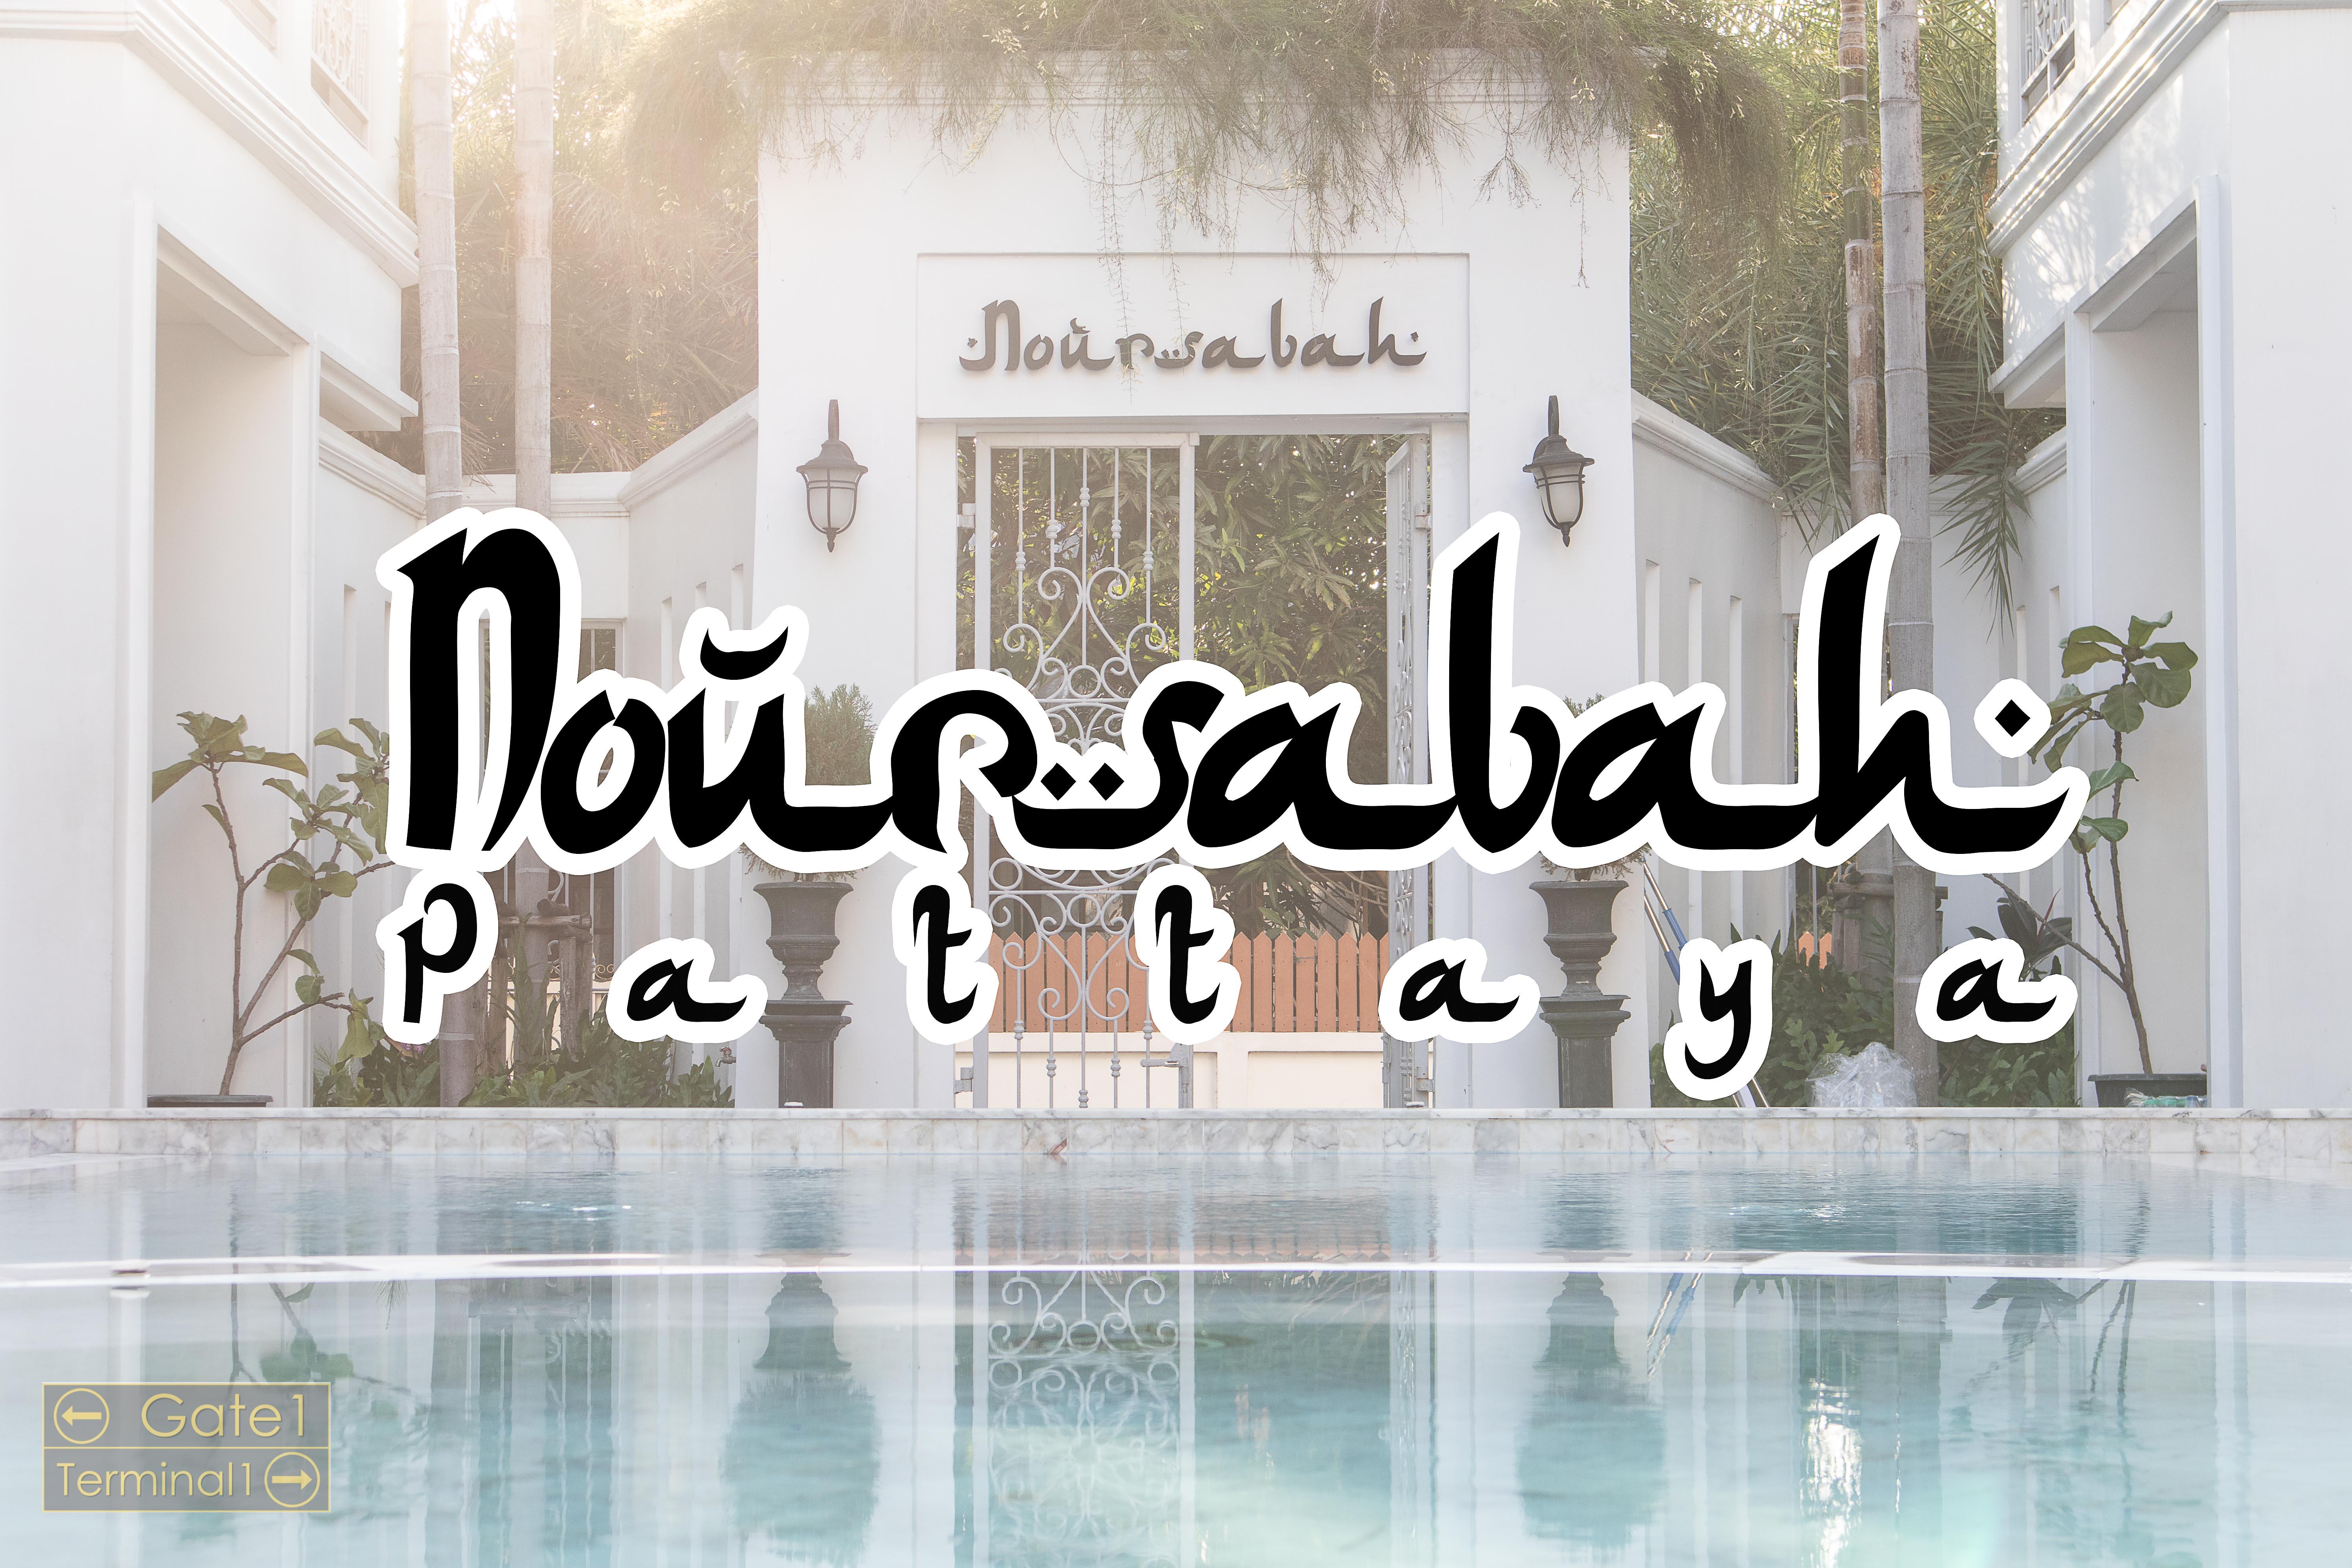 Review Noursabah Pattaya โรงแรมบรรยากาศอาหรับ ตกแต่งสวยงาม บริการดีจนเกรงใจ